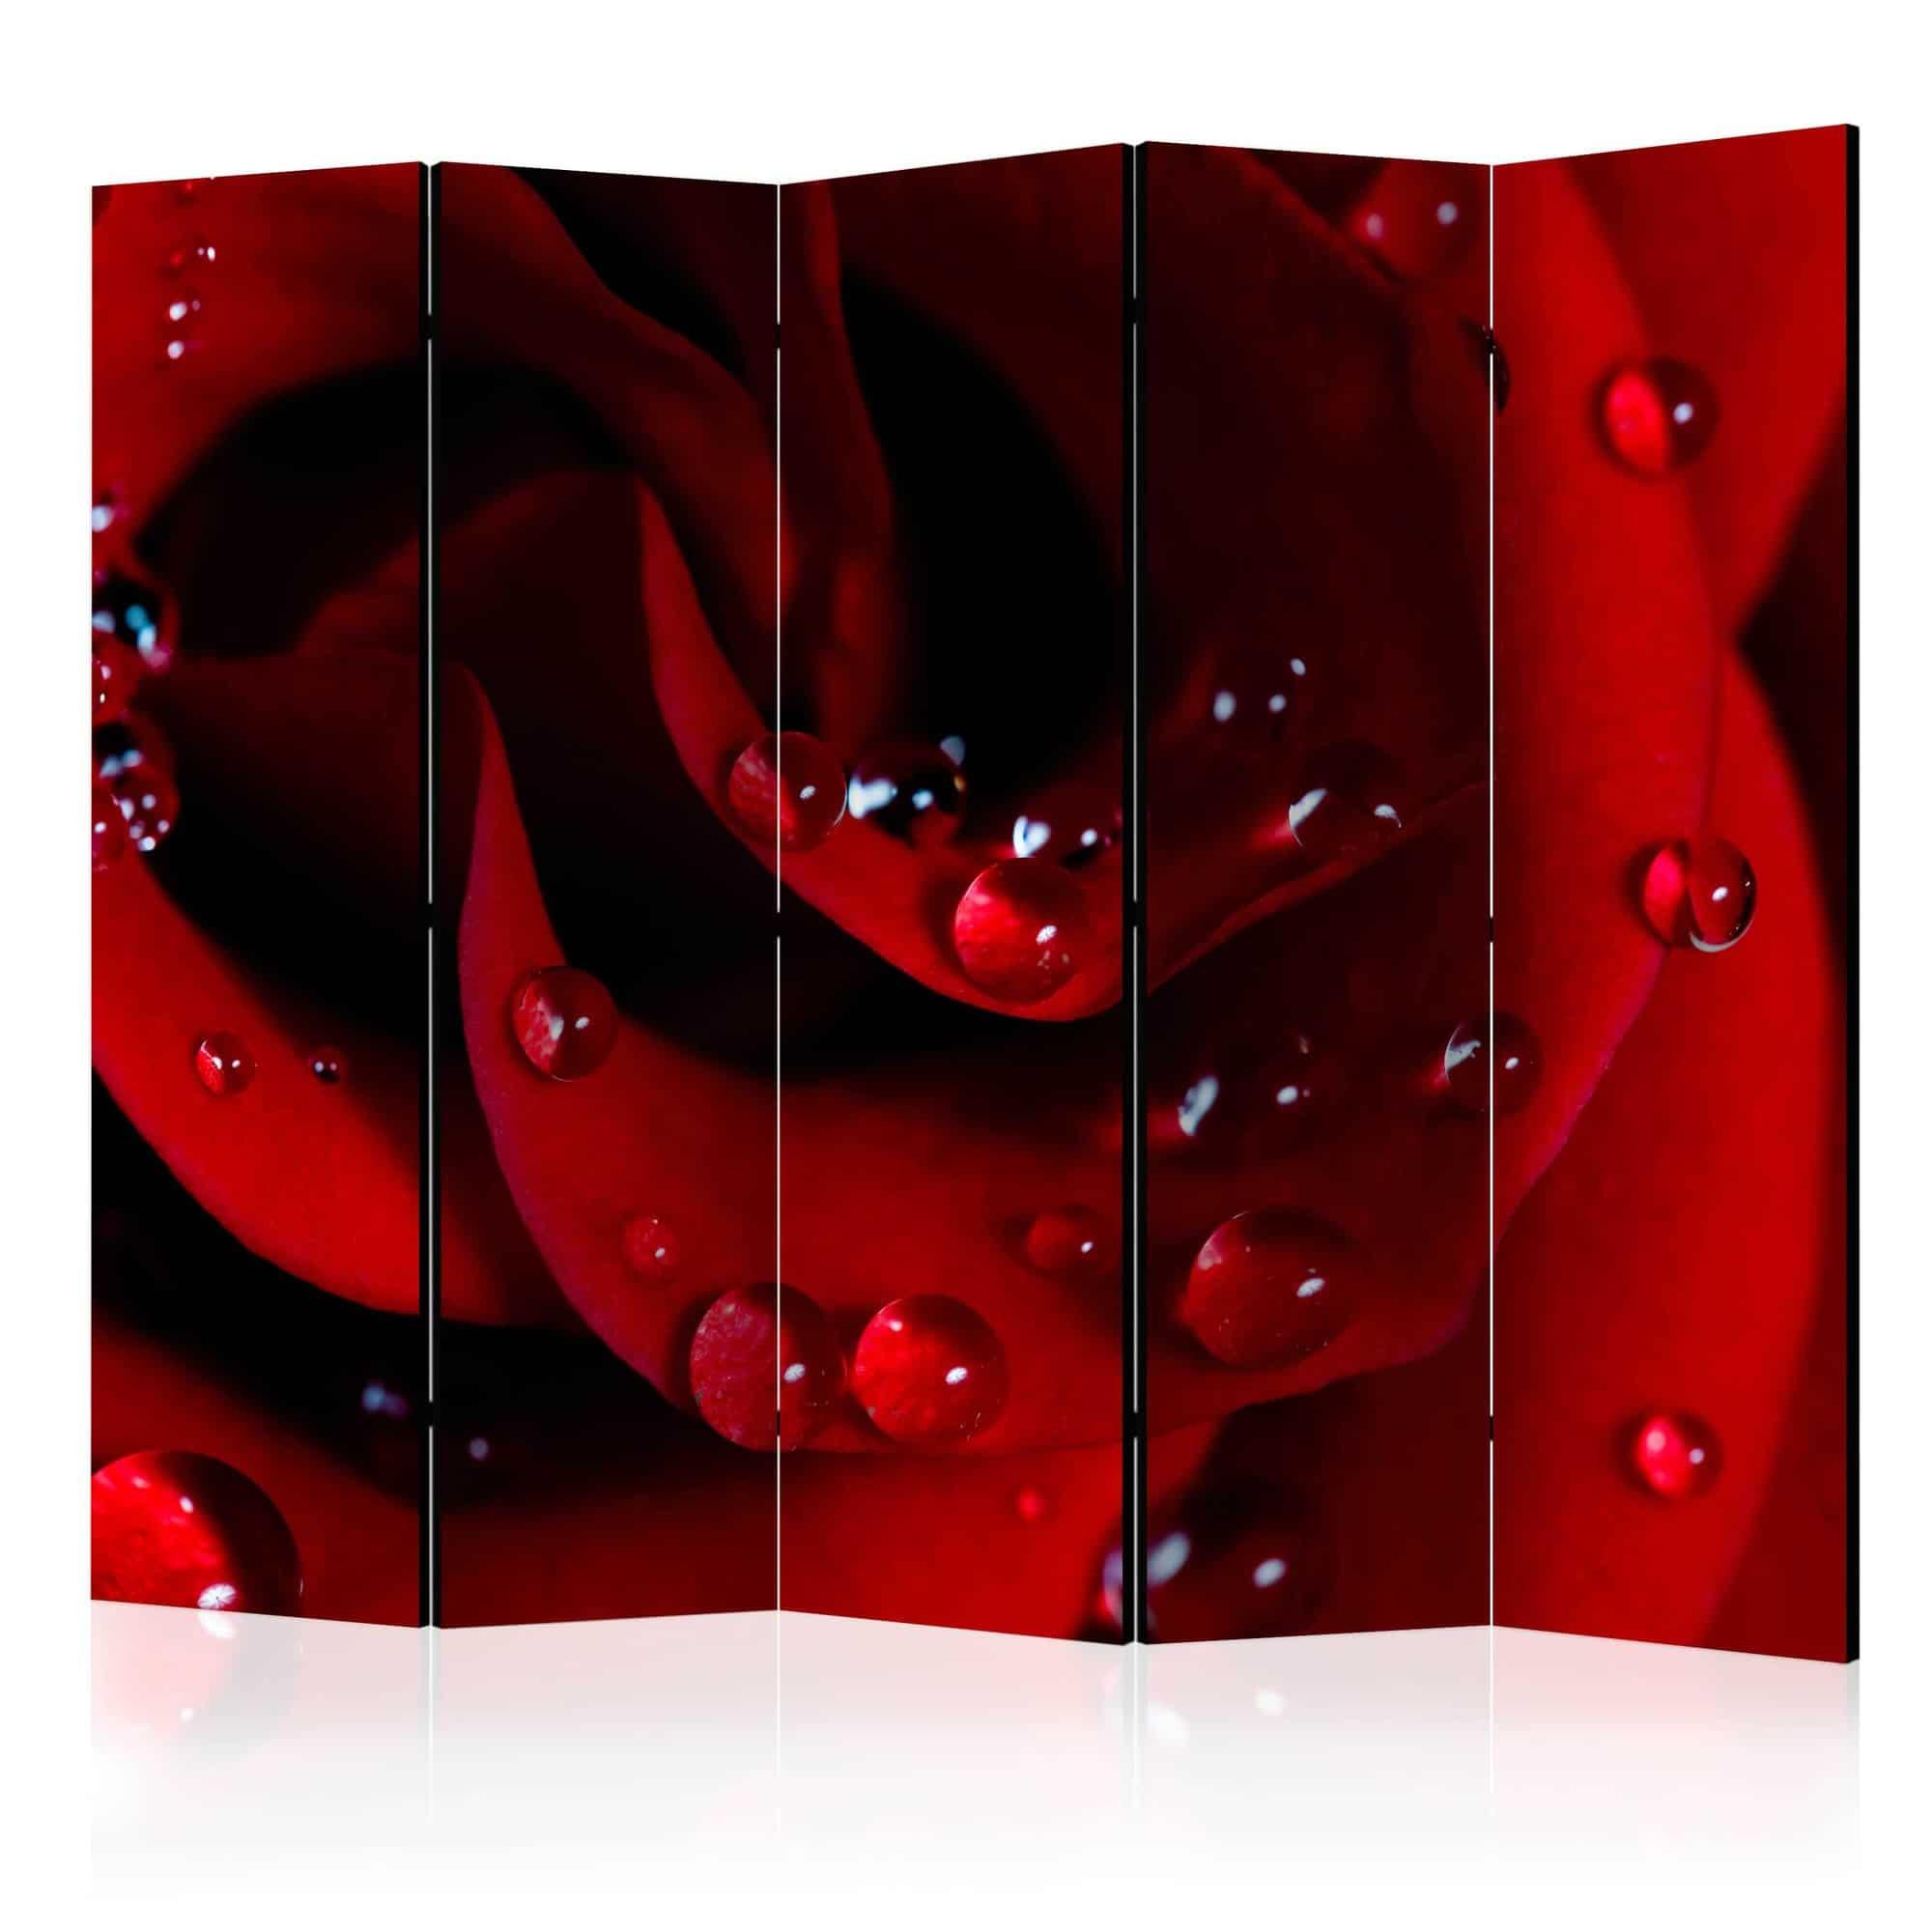 Skærmvæg Red rose with water drops II